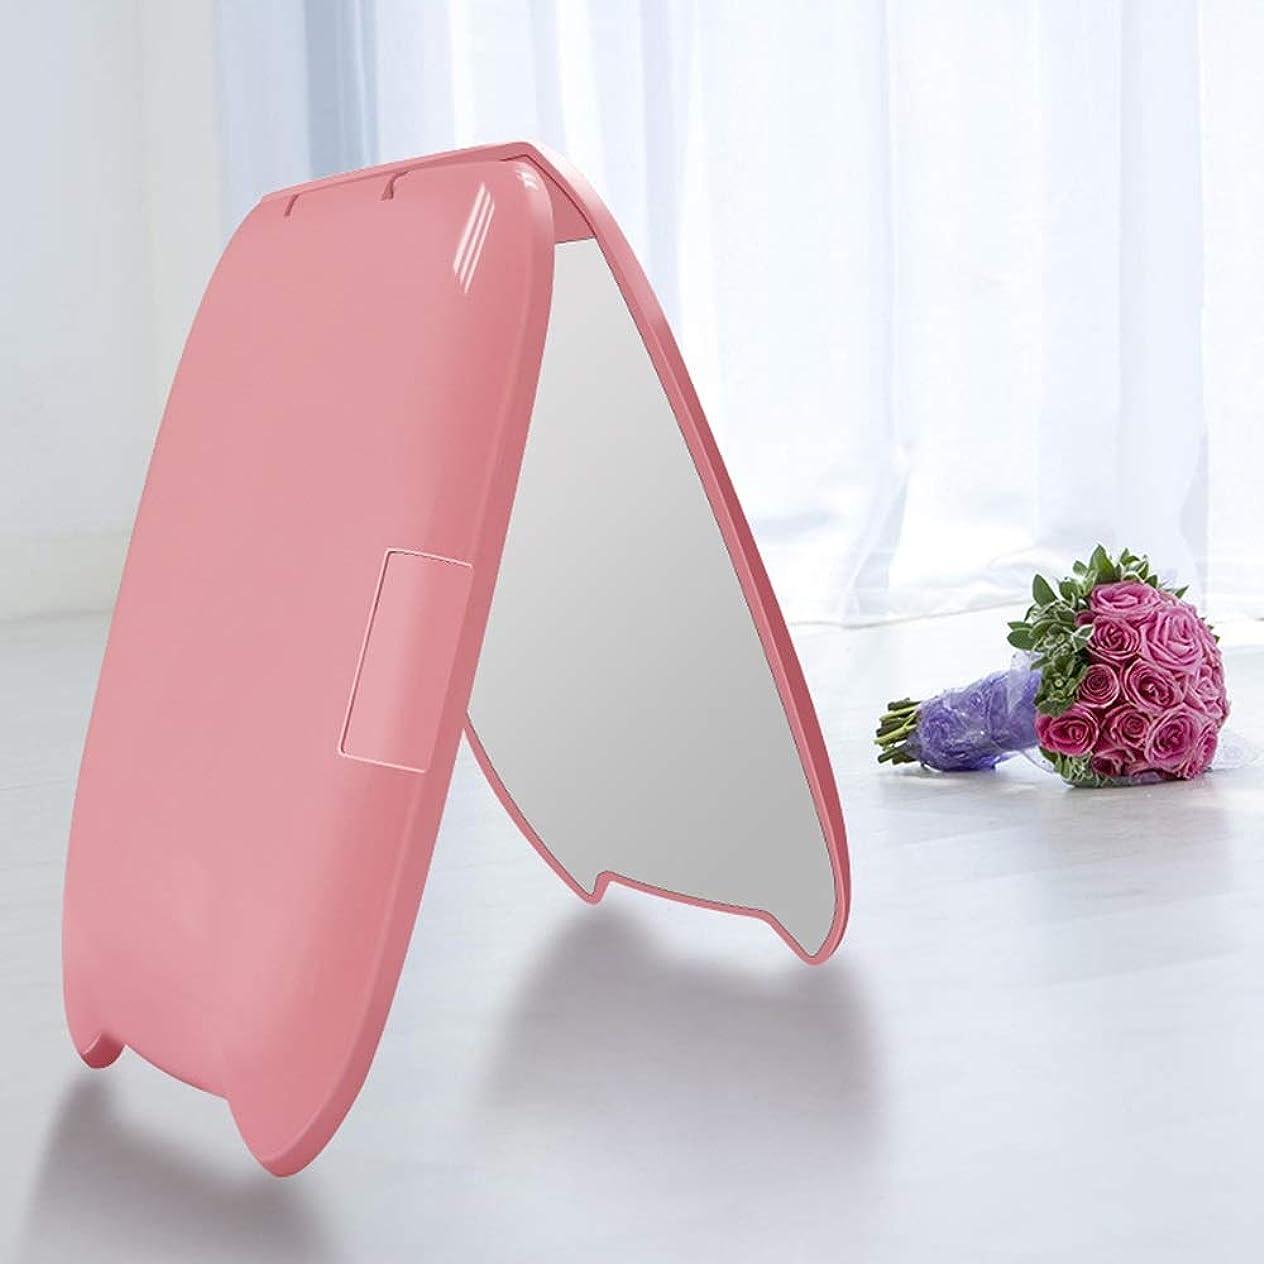 ブロンズ保全あまりにも流行の ミニポータブル猫耳LED化粧鏡2回化粧小さな化粧鏡美容鏡化粧鏡ピンク